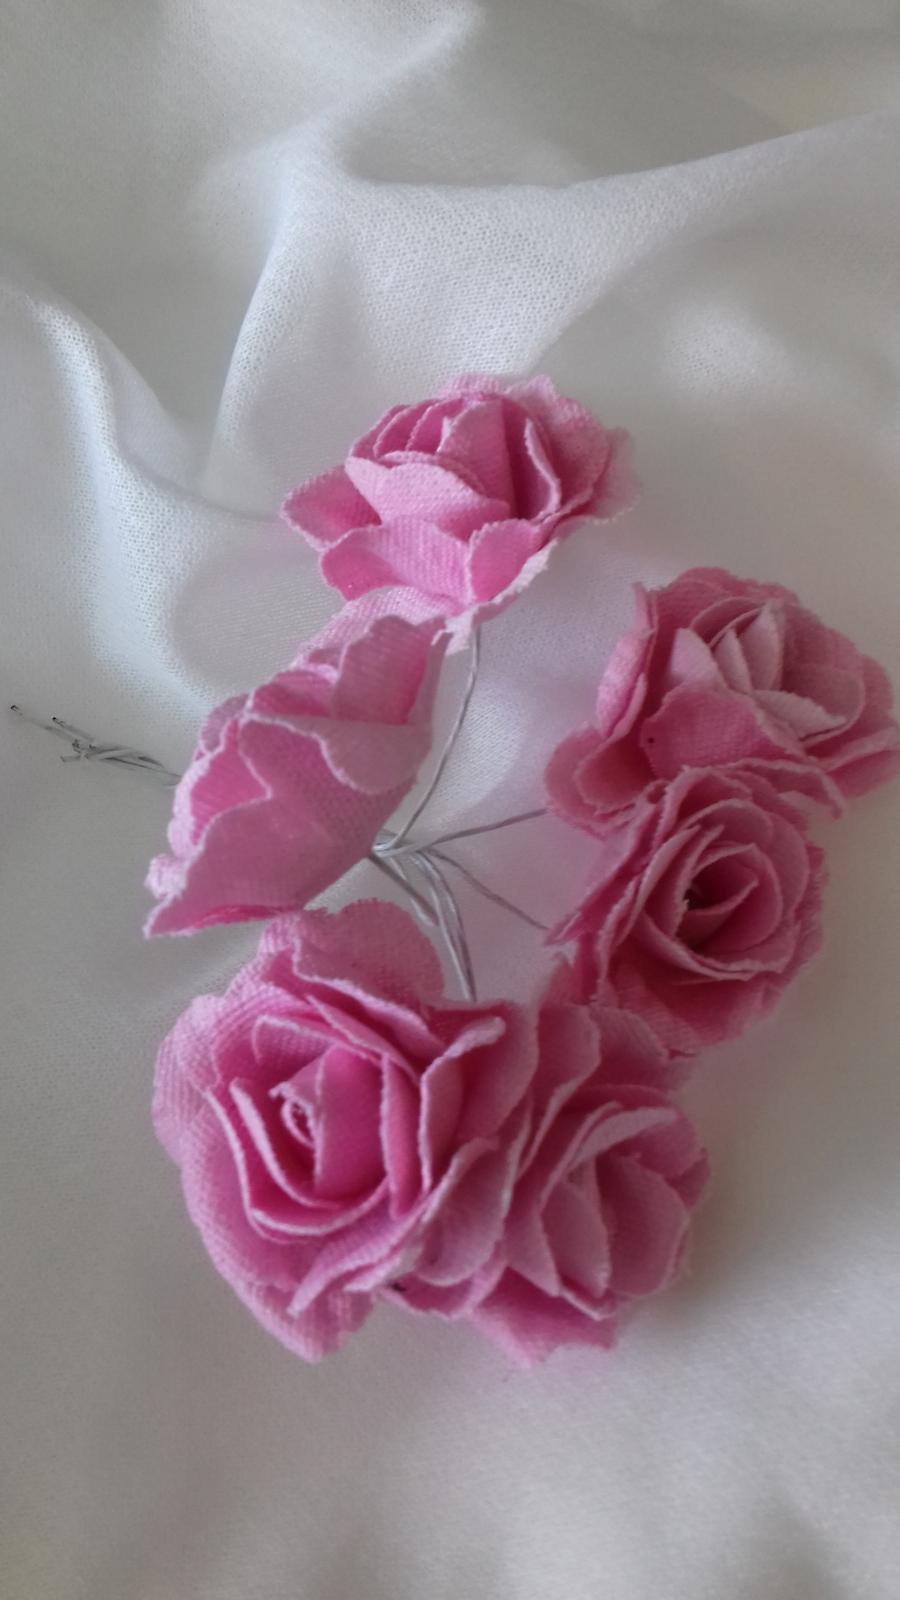 látkové kytičky růžové  - Obrázek č. 1